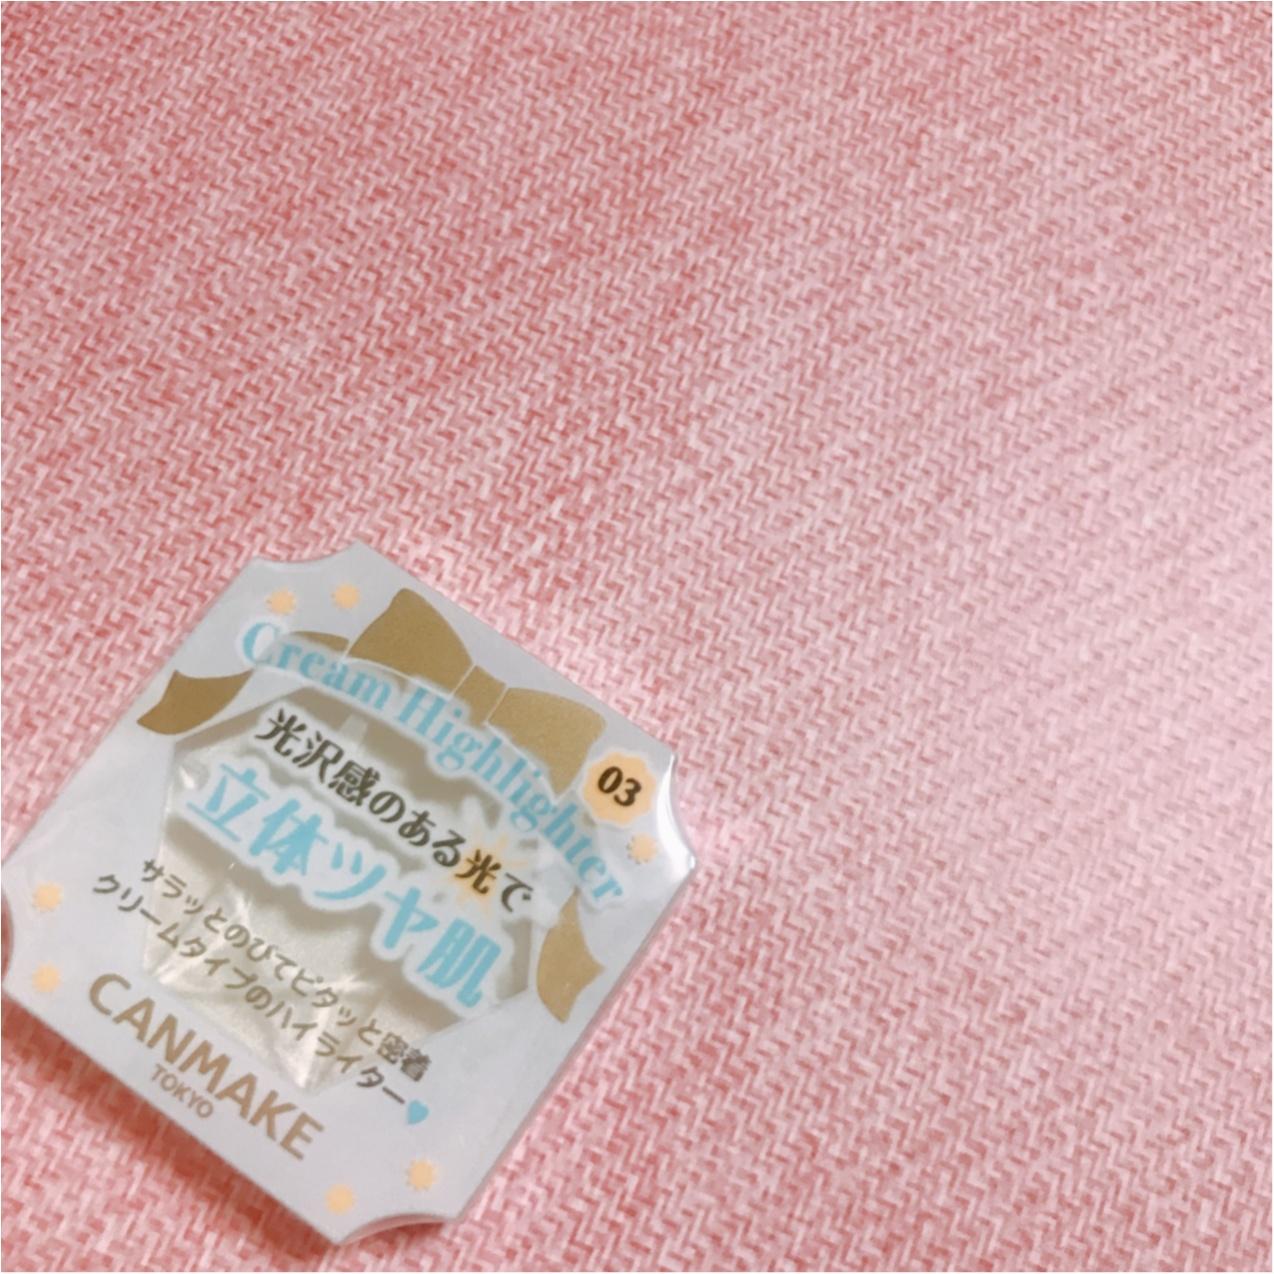 【キャンメイク】600円でツヤ肌に♡ 《クリームハイライター》が使えるっ!_4